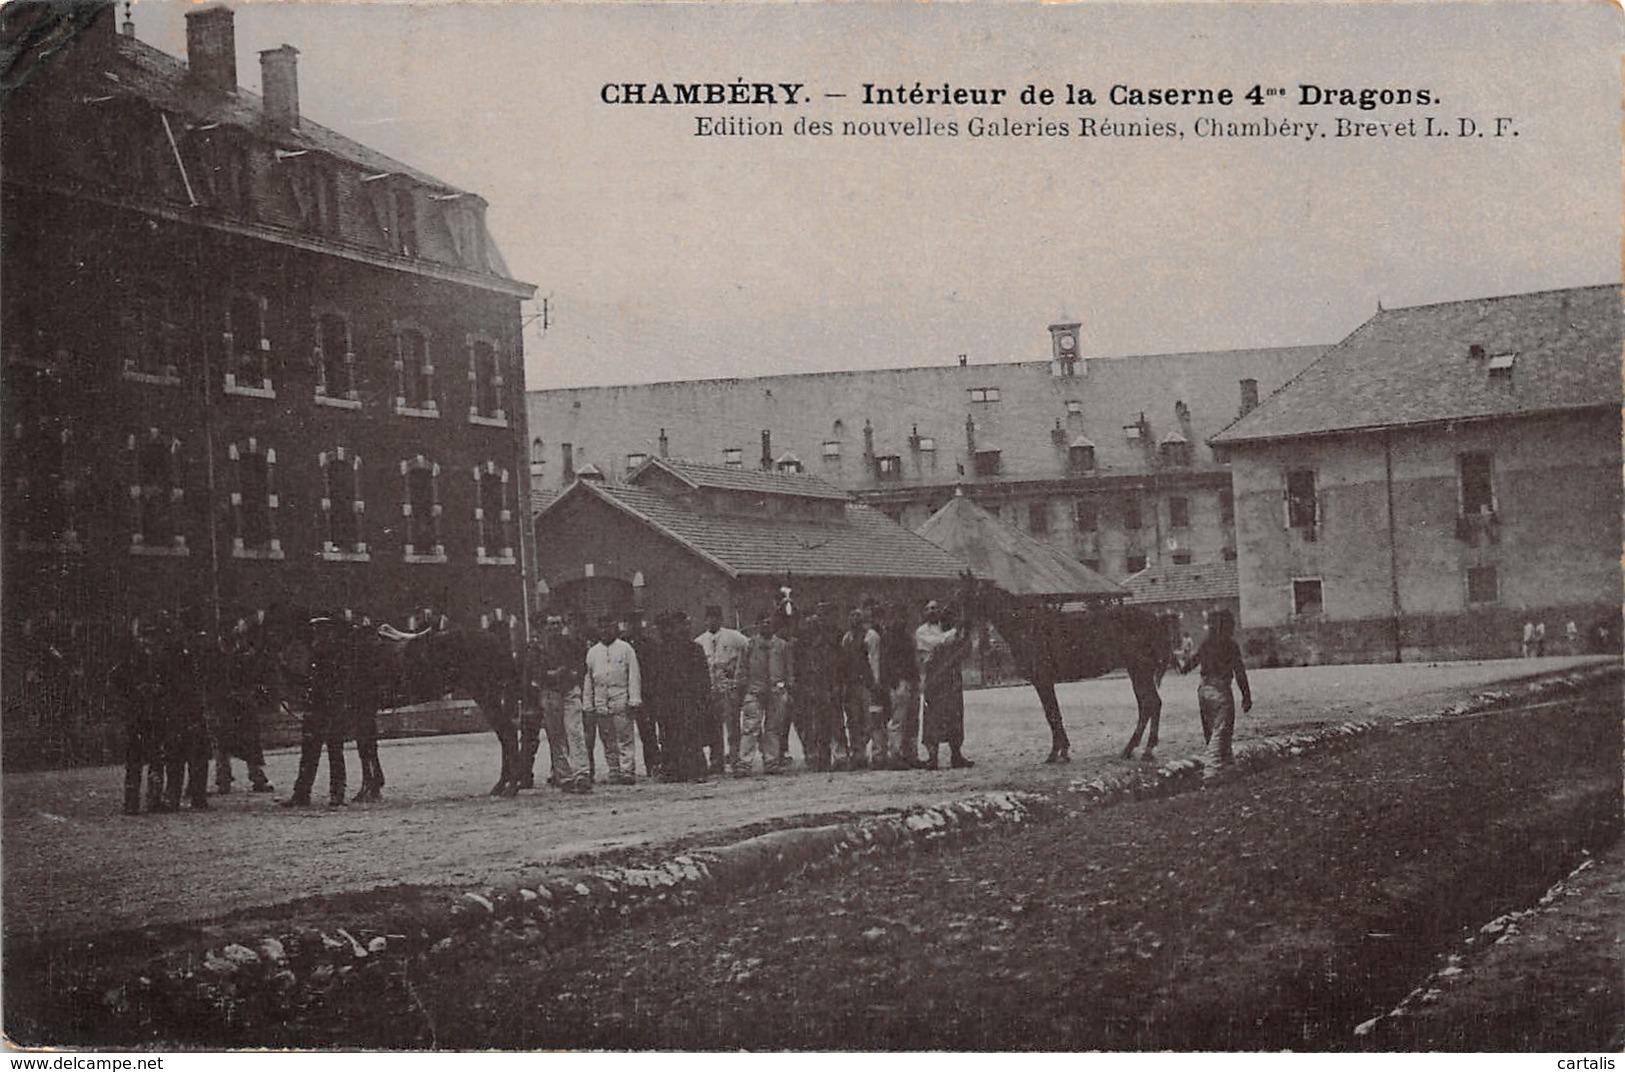 73-CHAMBERY-N°C-422-F/0131 - Chambery